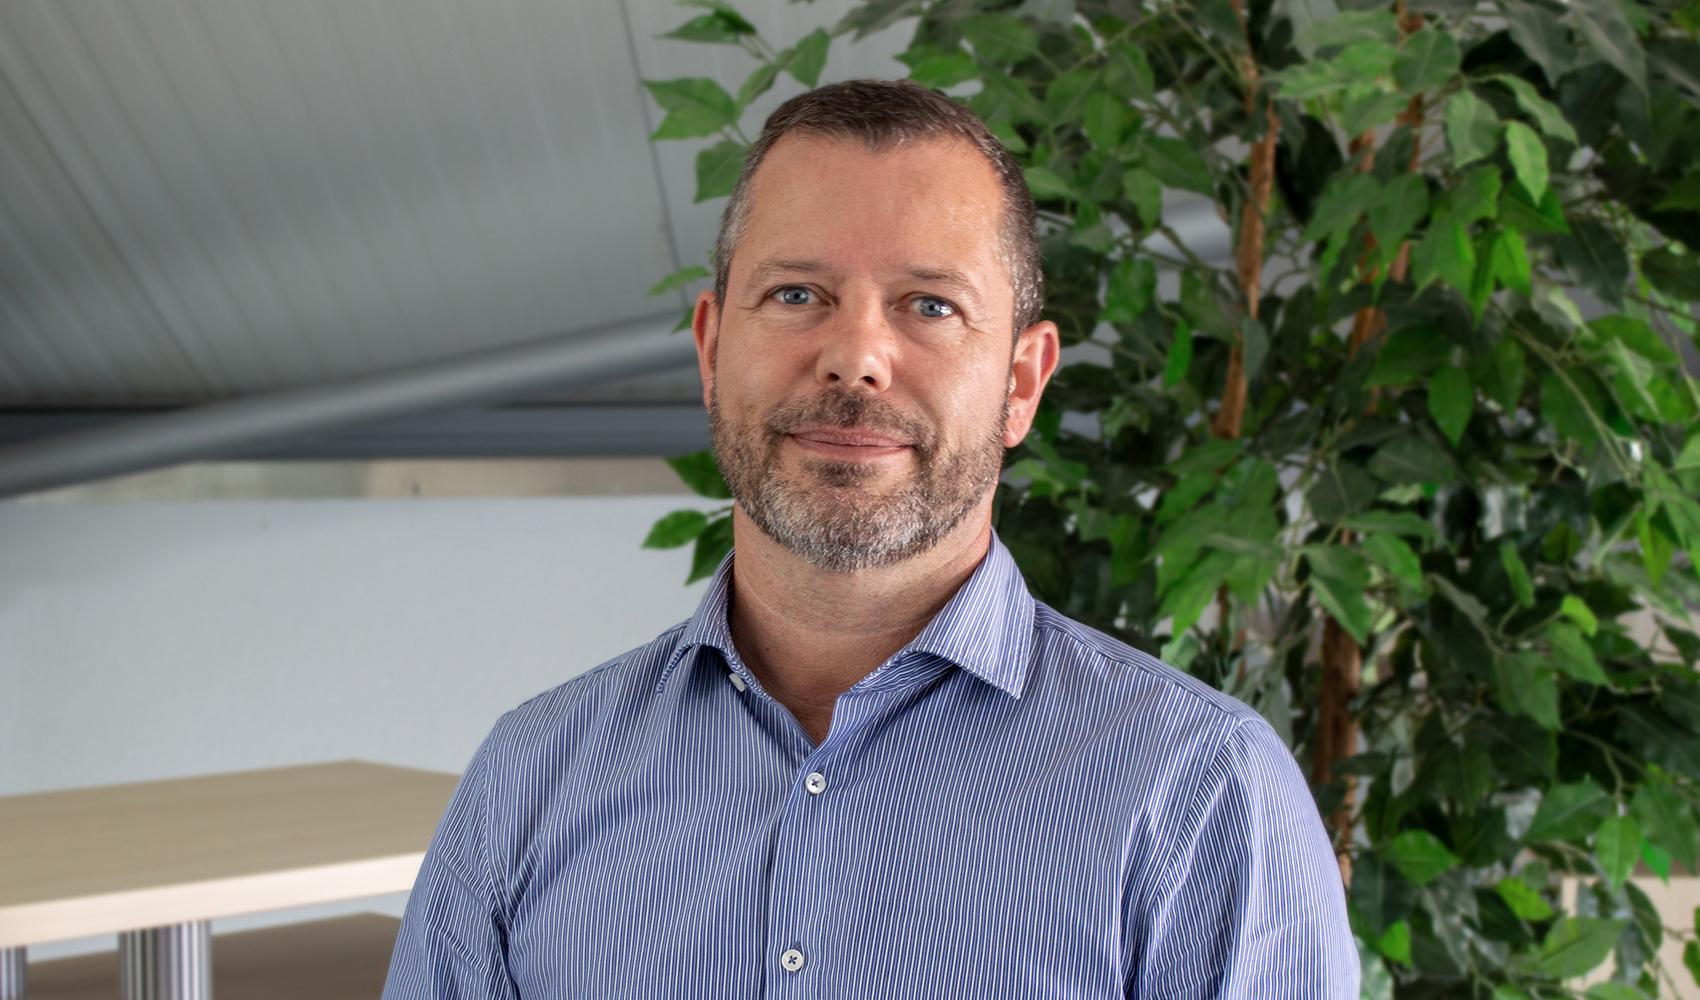 Christian Wachtel